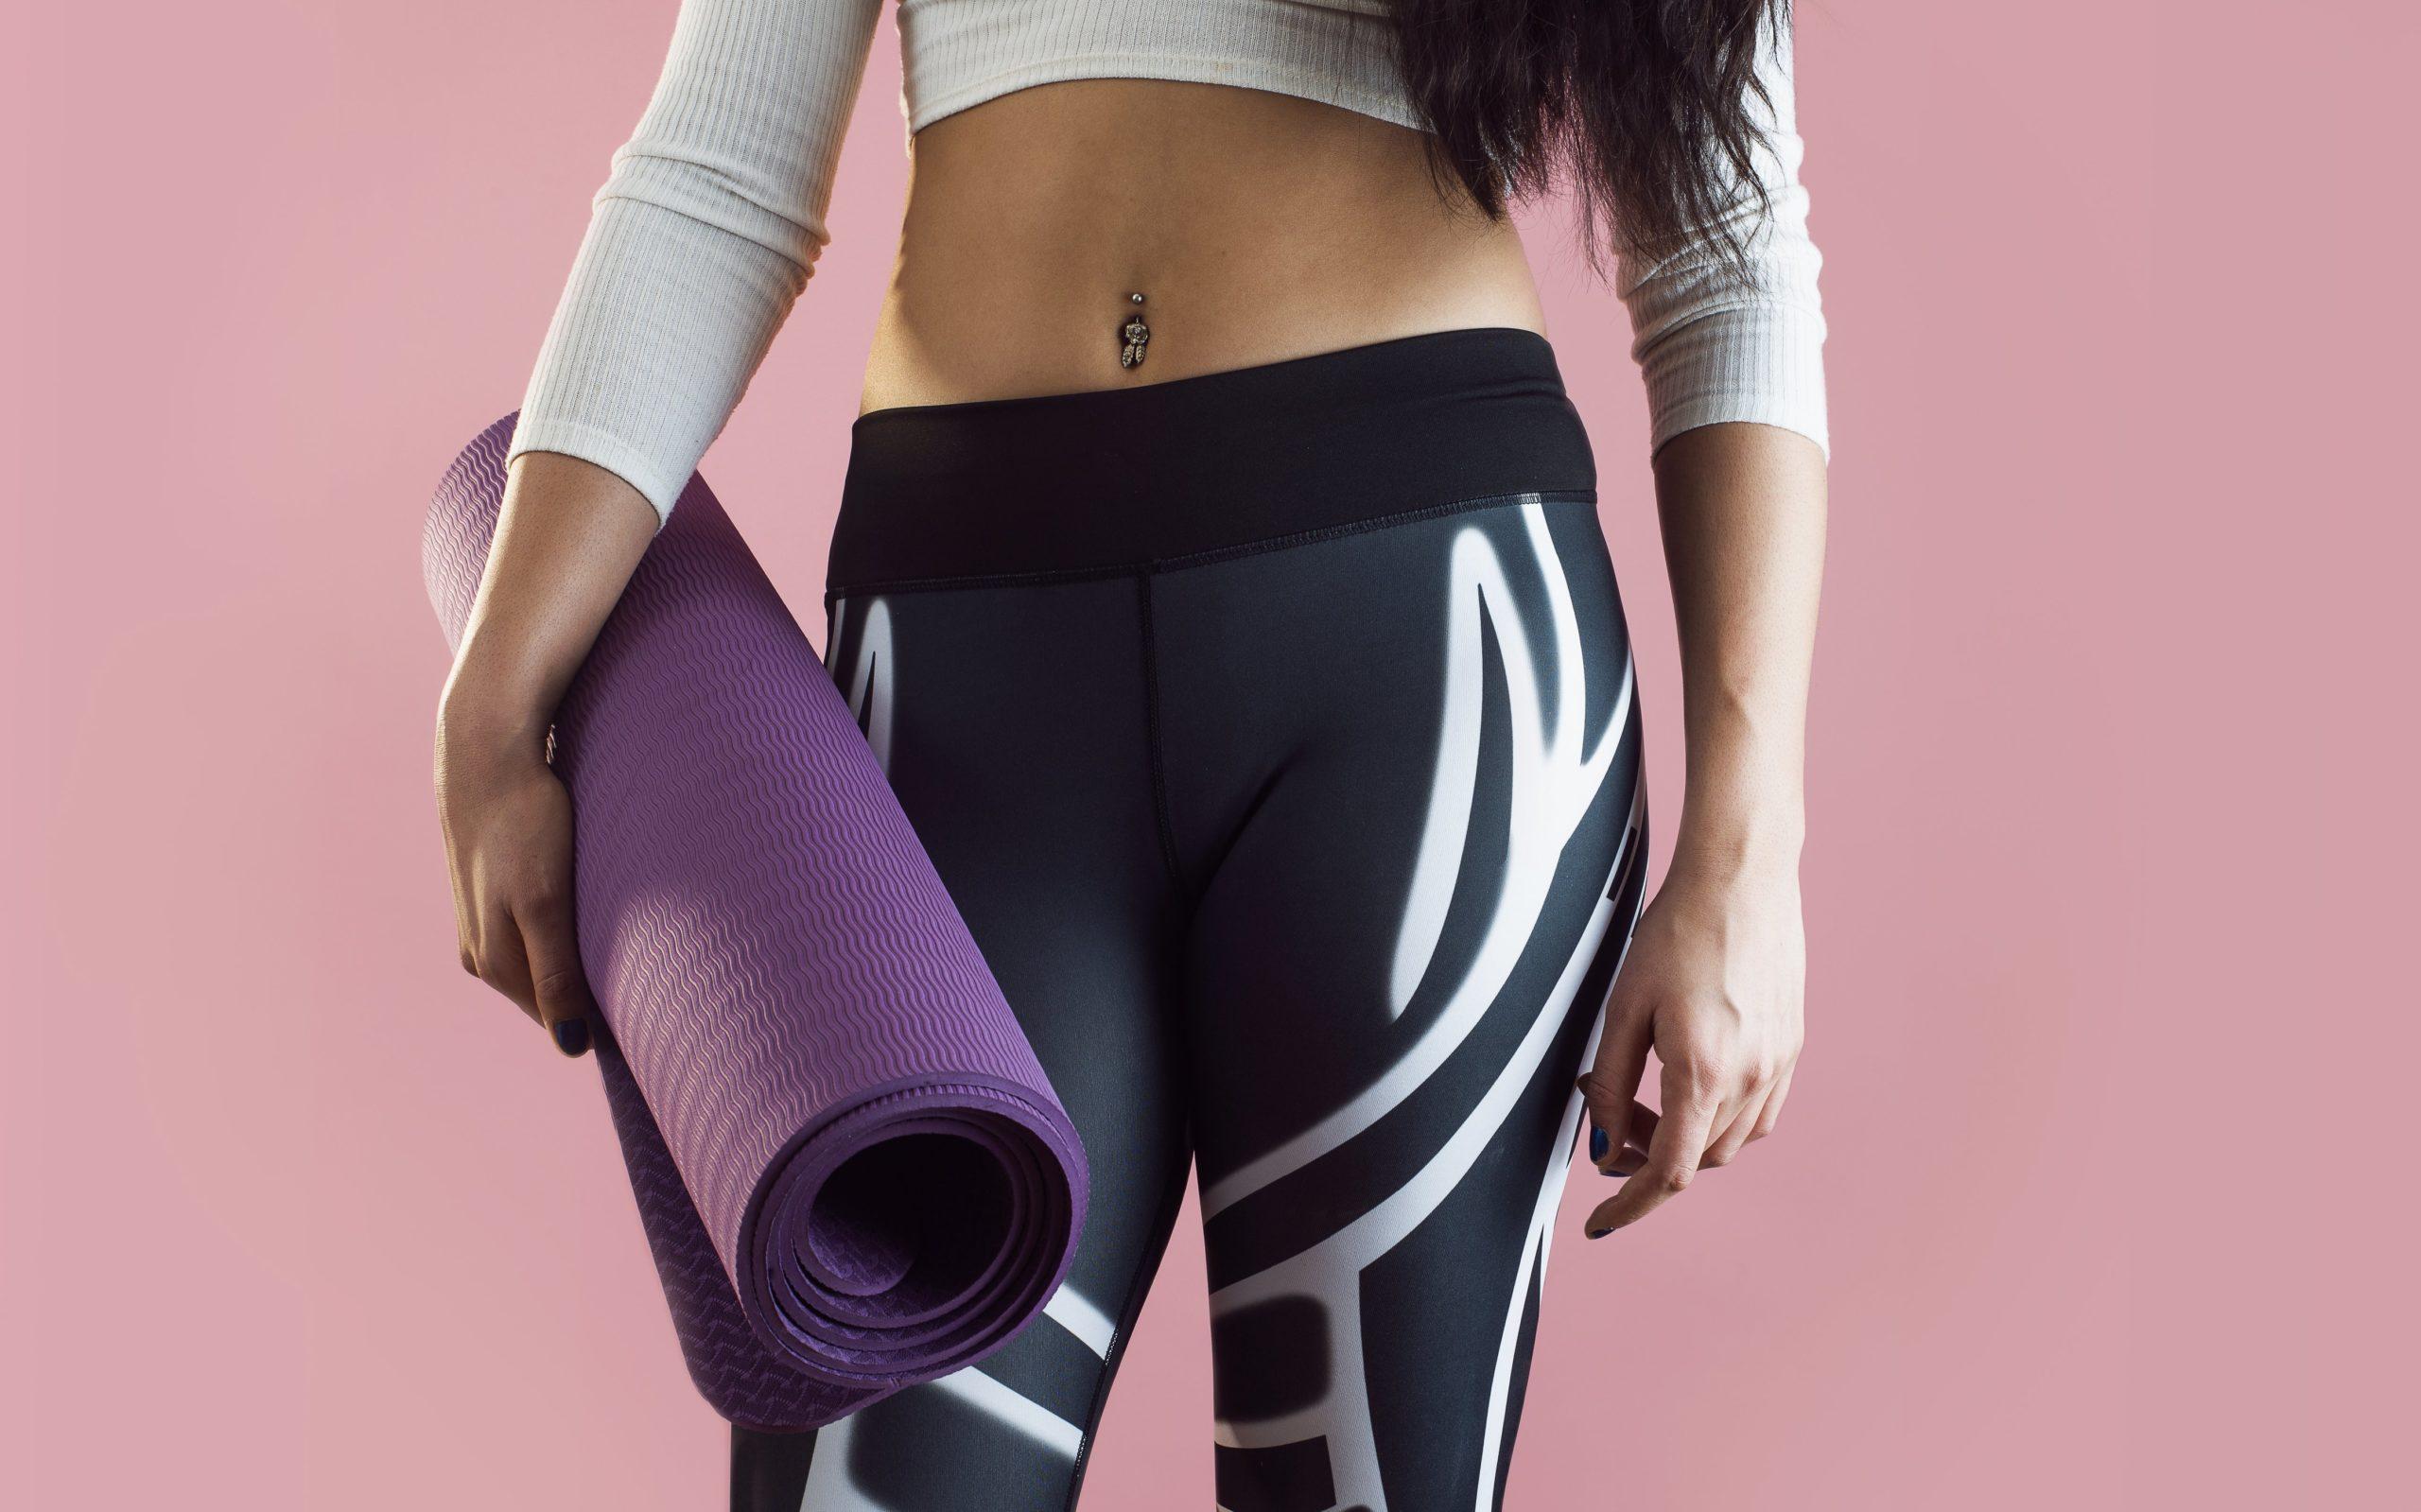 ออกกำลังกายผู้หญิง